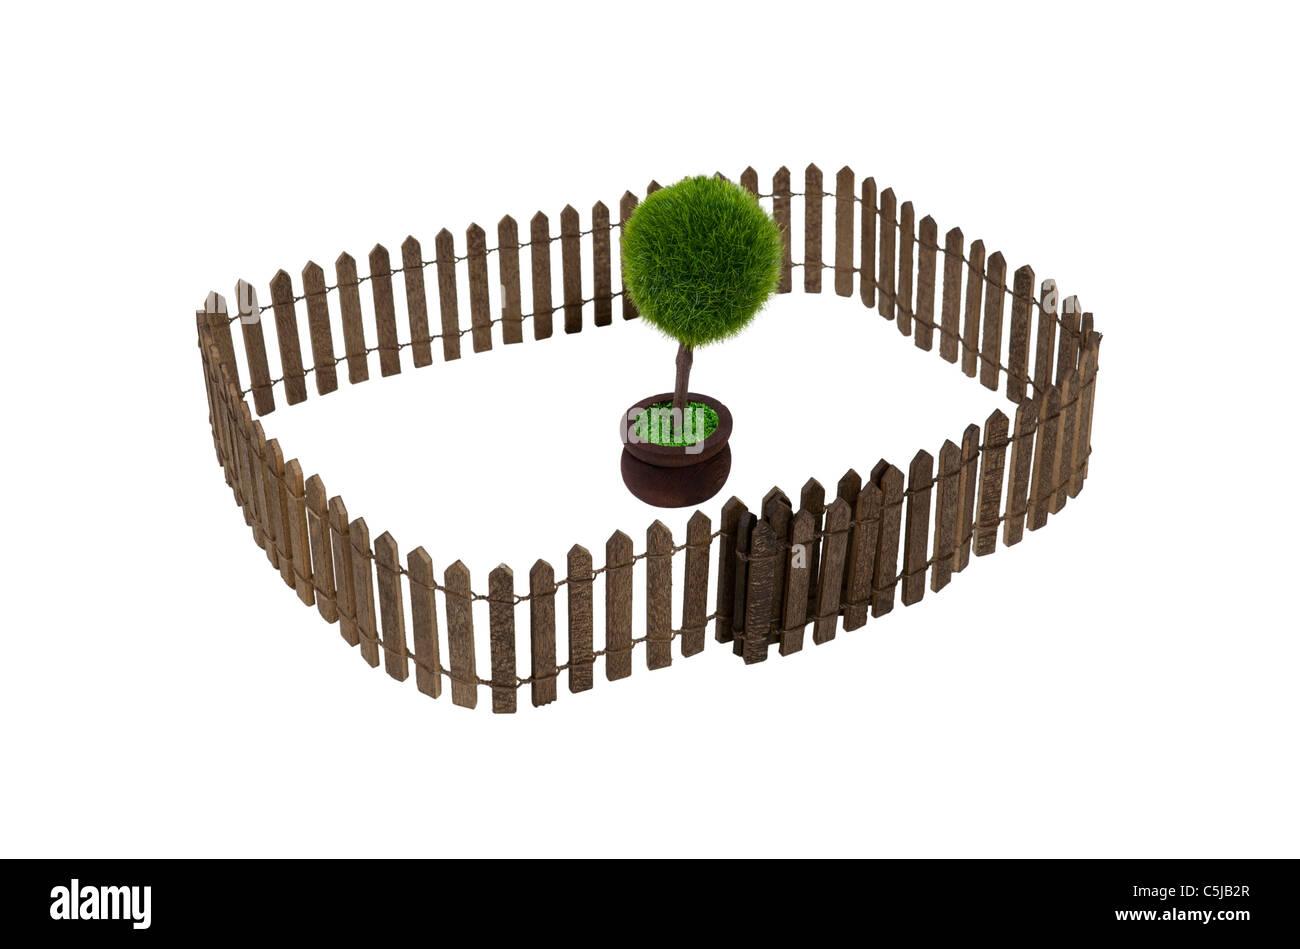 Natur erhalten gezeigt durch einen eingemachten Baum in einem Hof, umgeben von einem Zaun - Pfad enthalten Stockbild